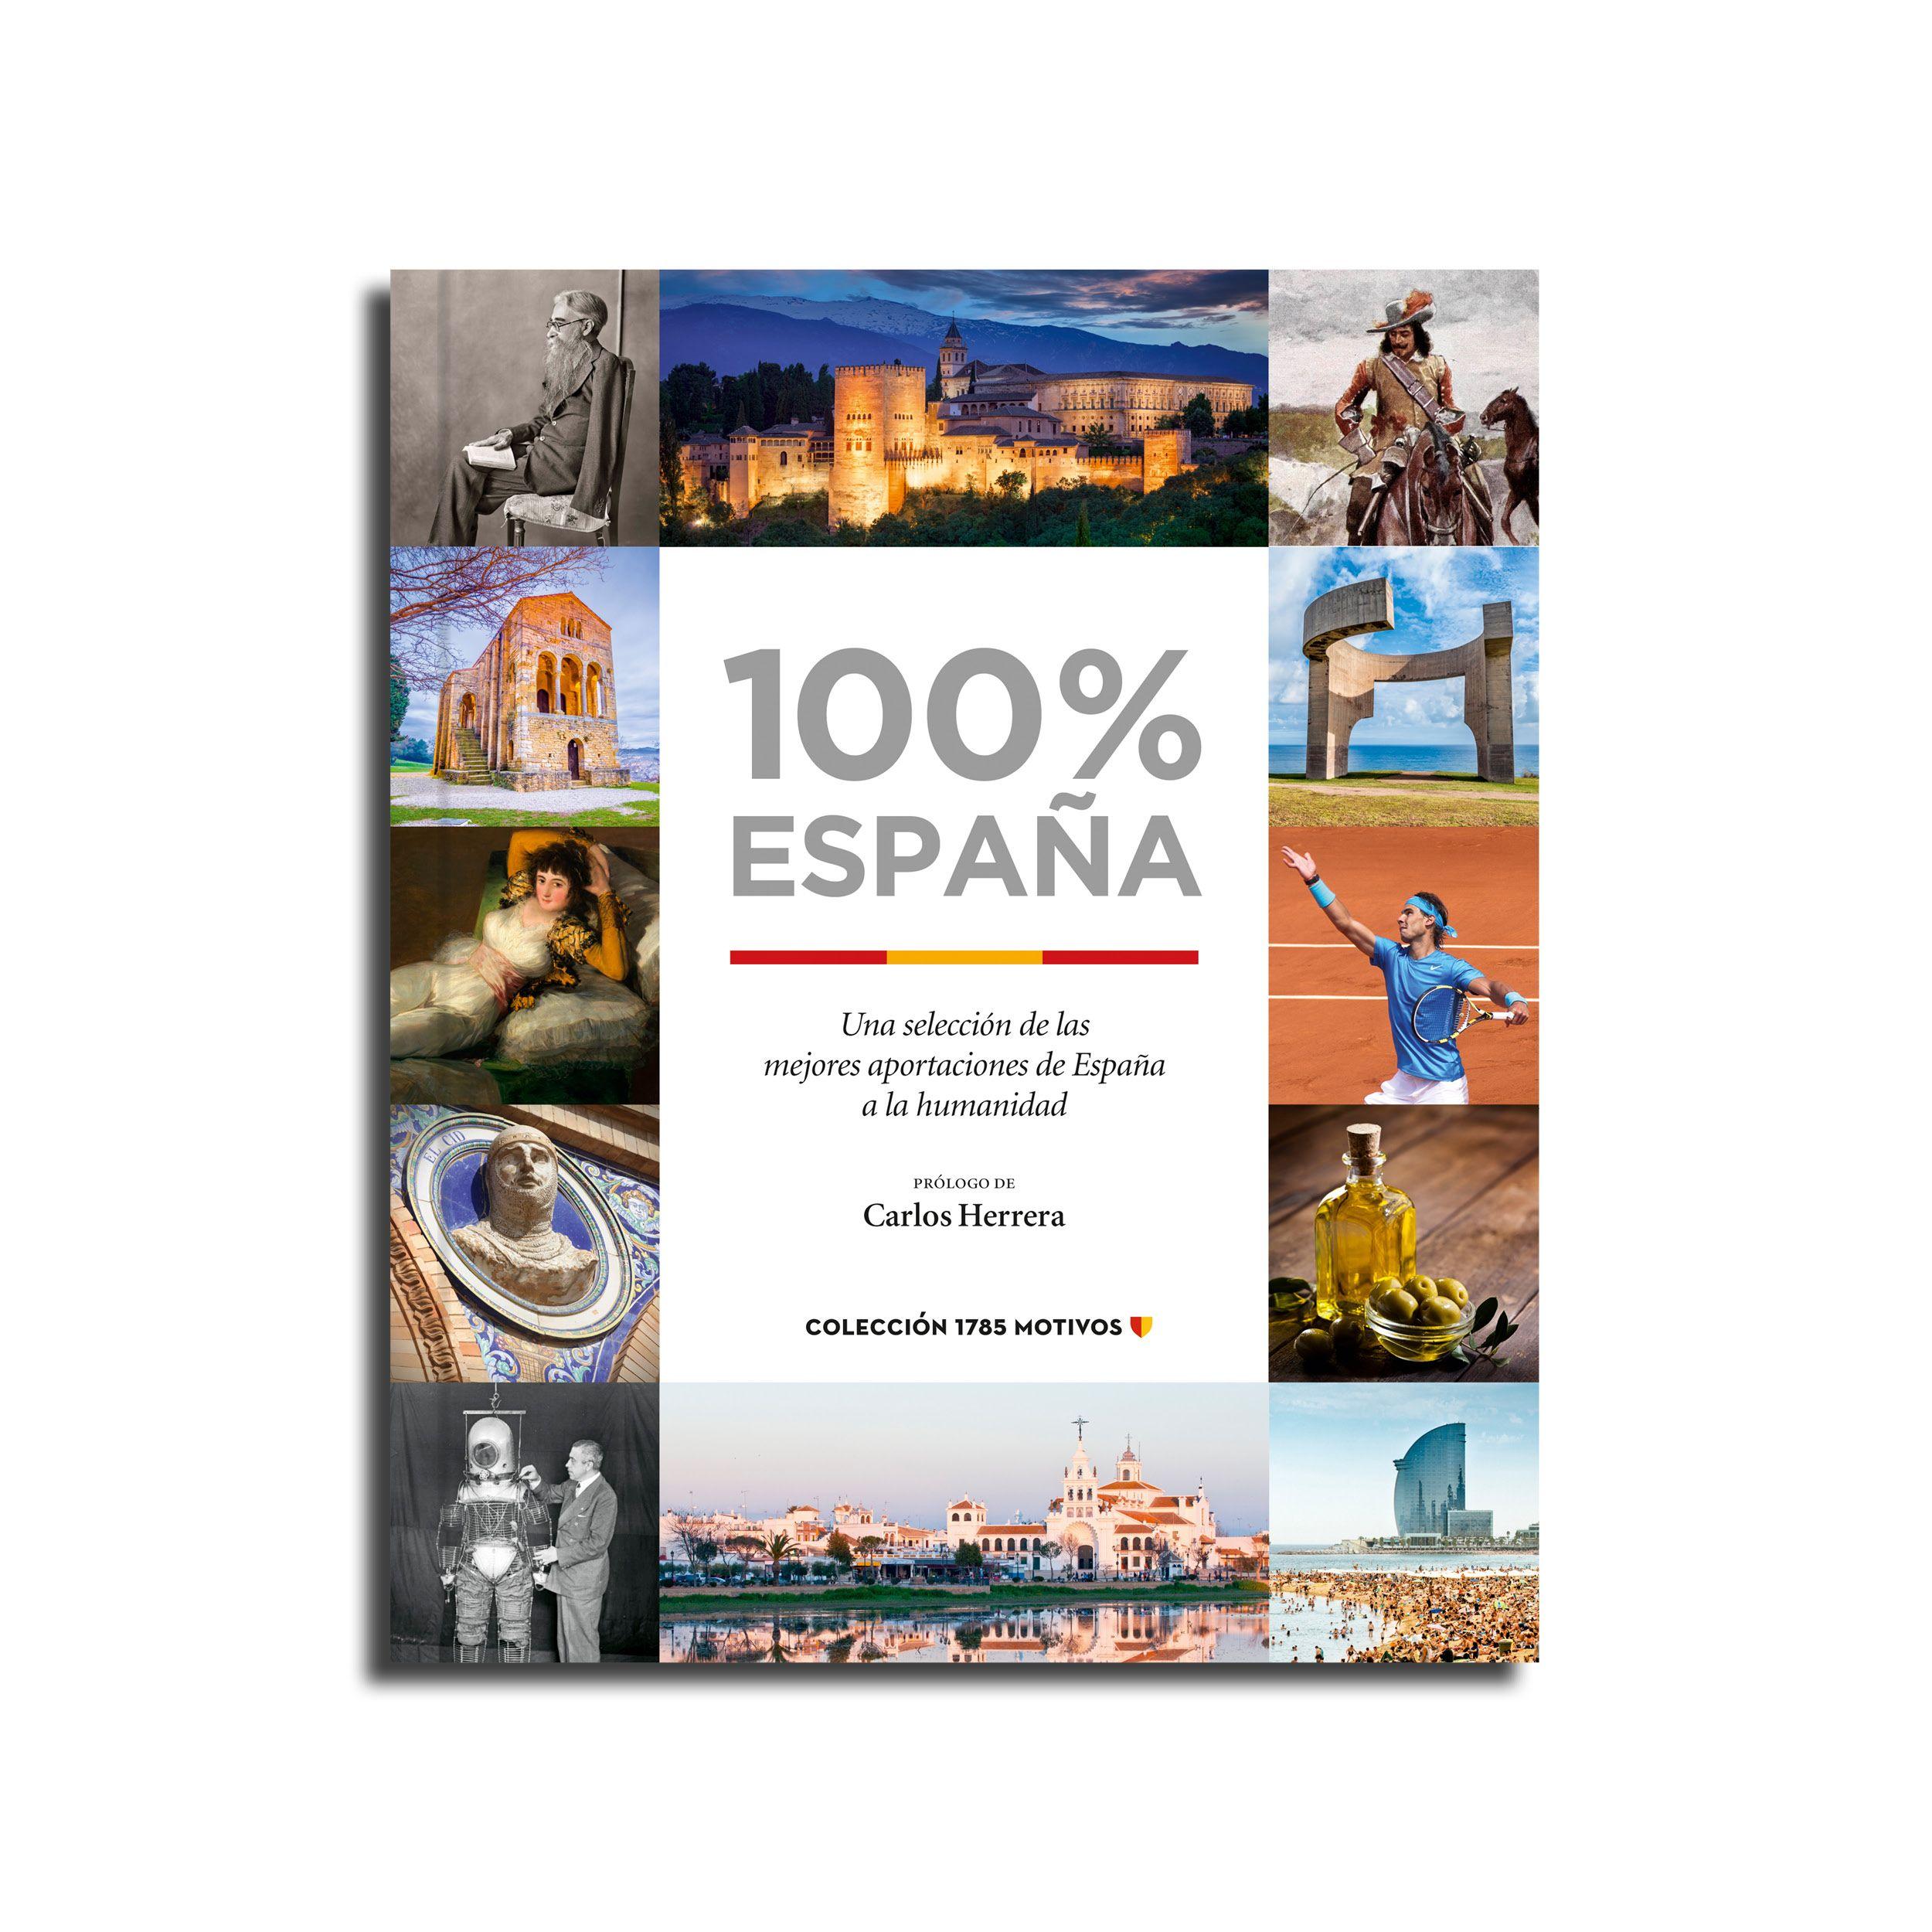 Fotografia Portada libro 100% España